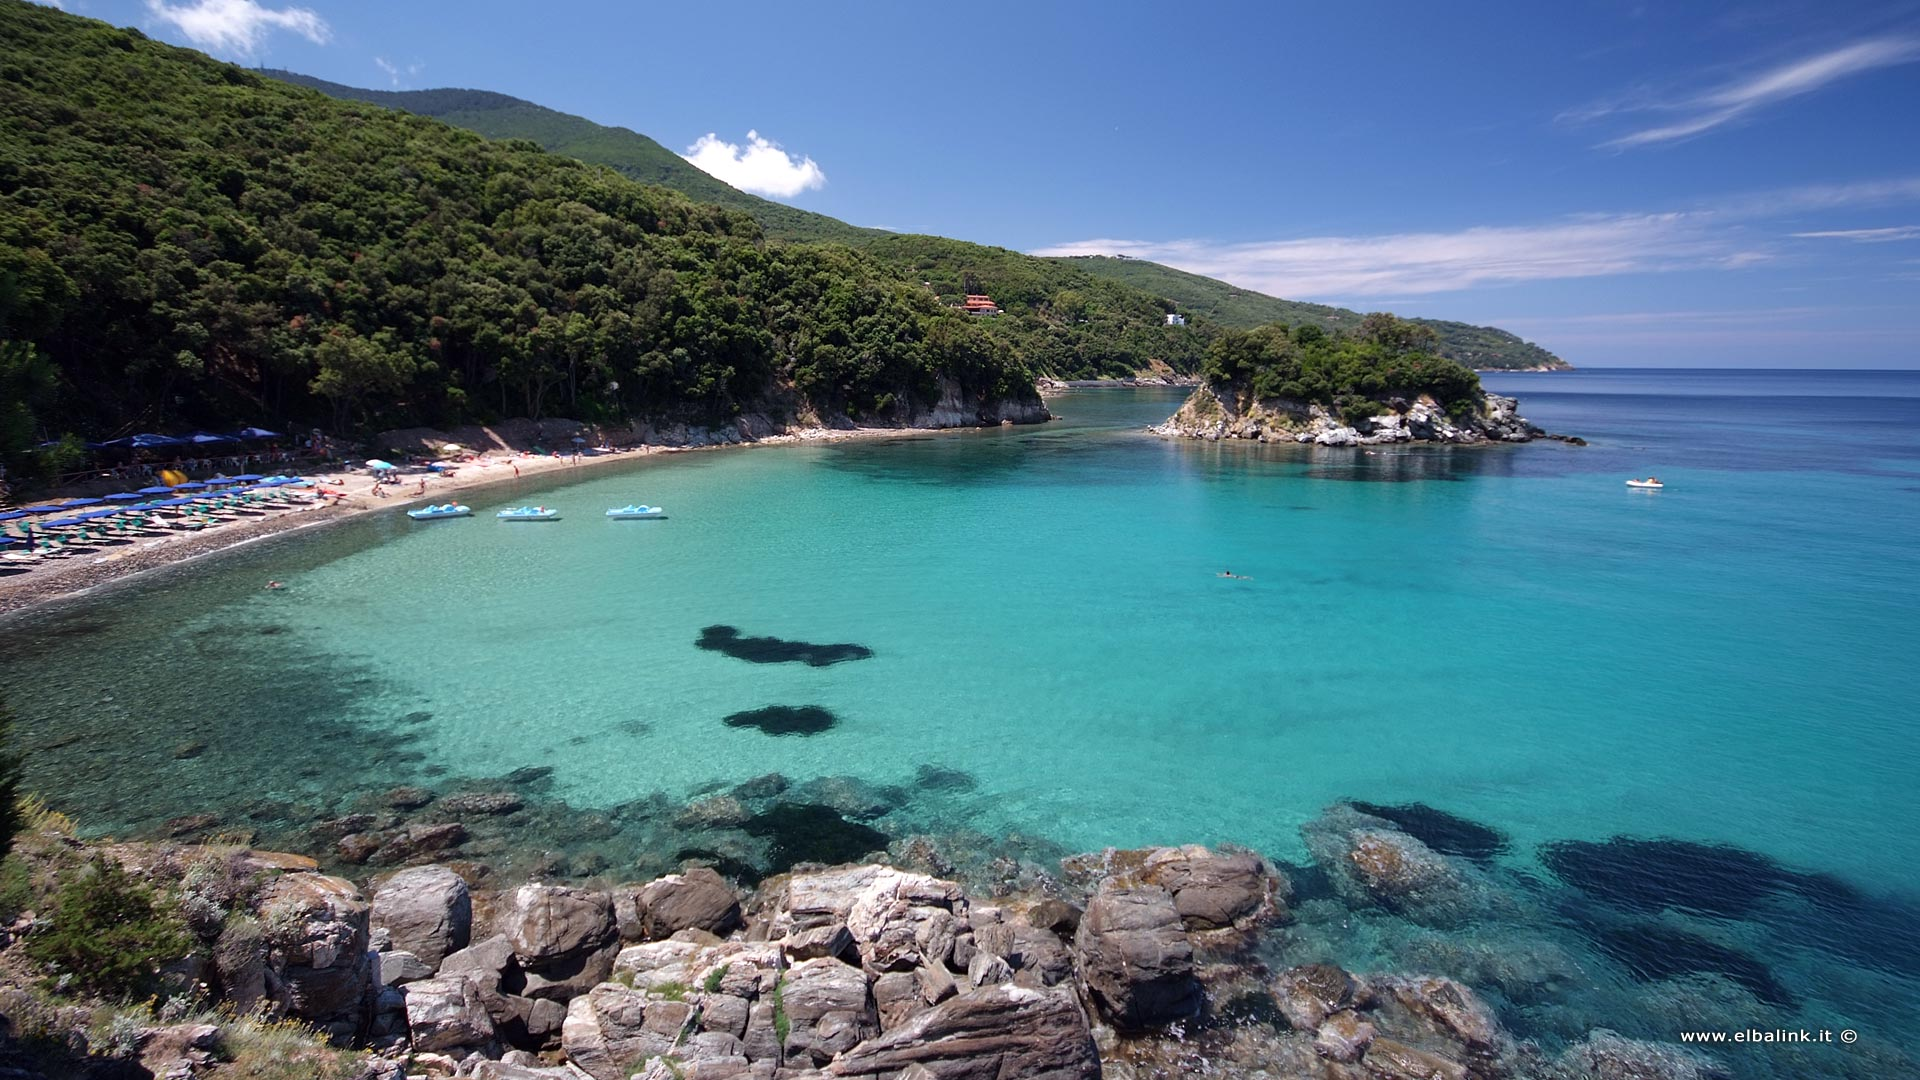 The Paolina Beach In Marciana Elba Island Beaches